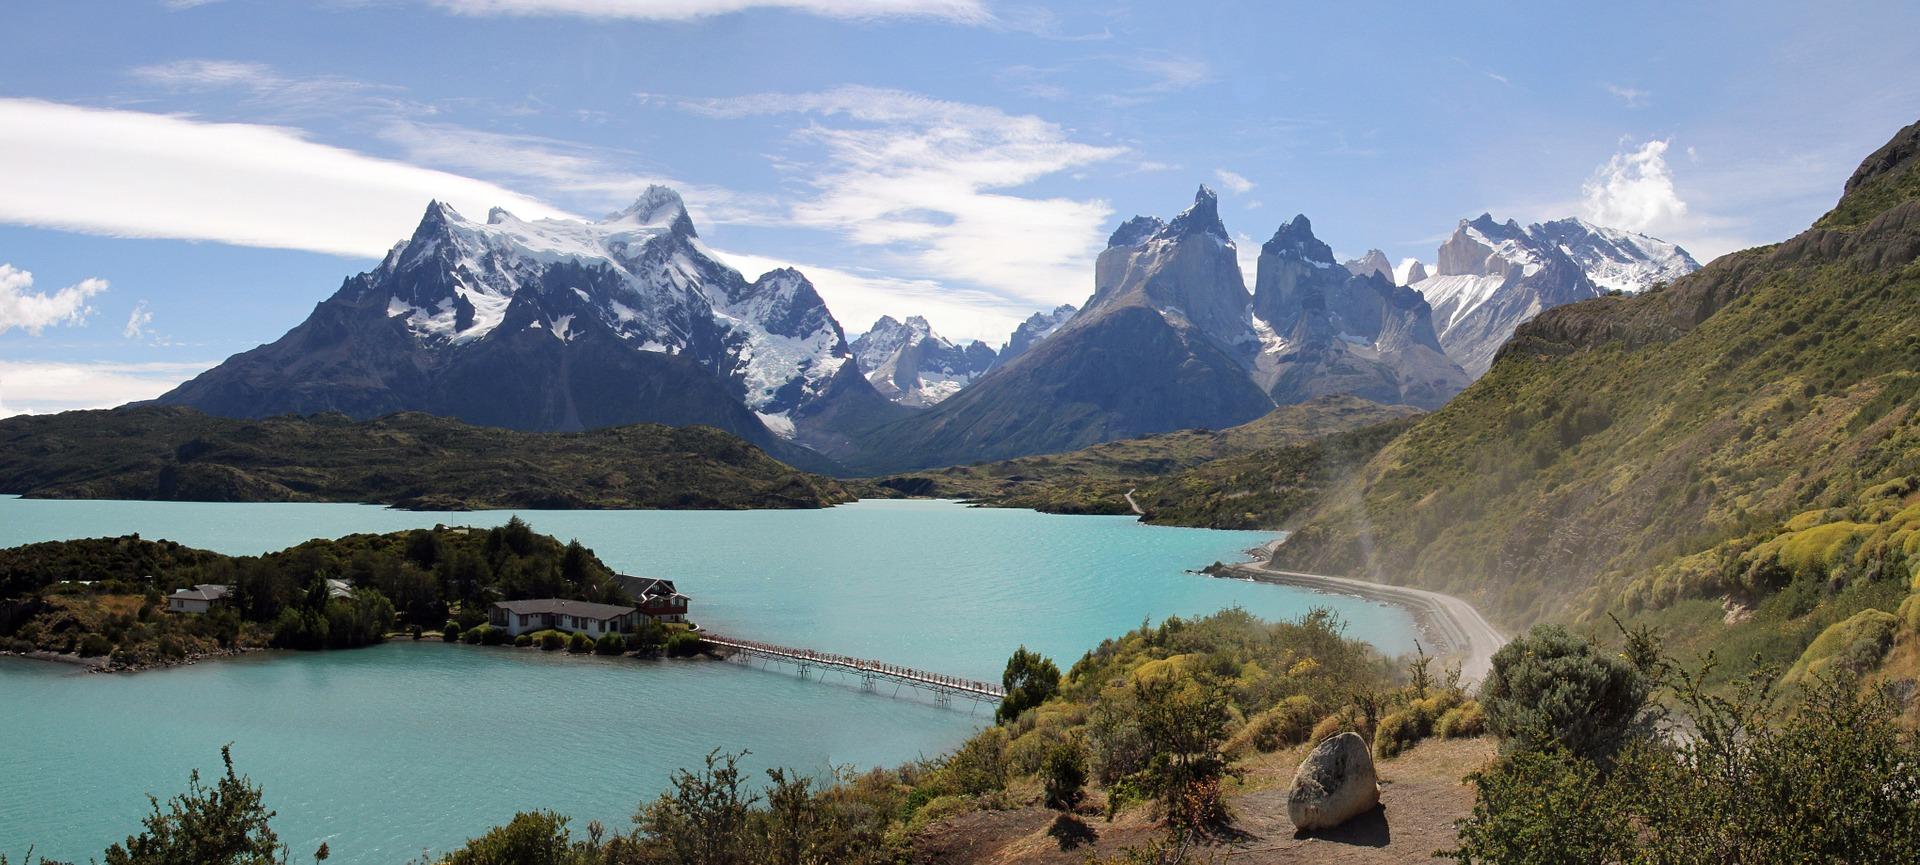 Rundreise Patagonien: Empfehlungen & Vergleich (08/20)